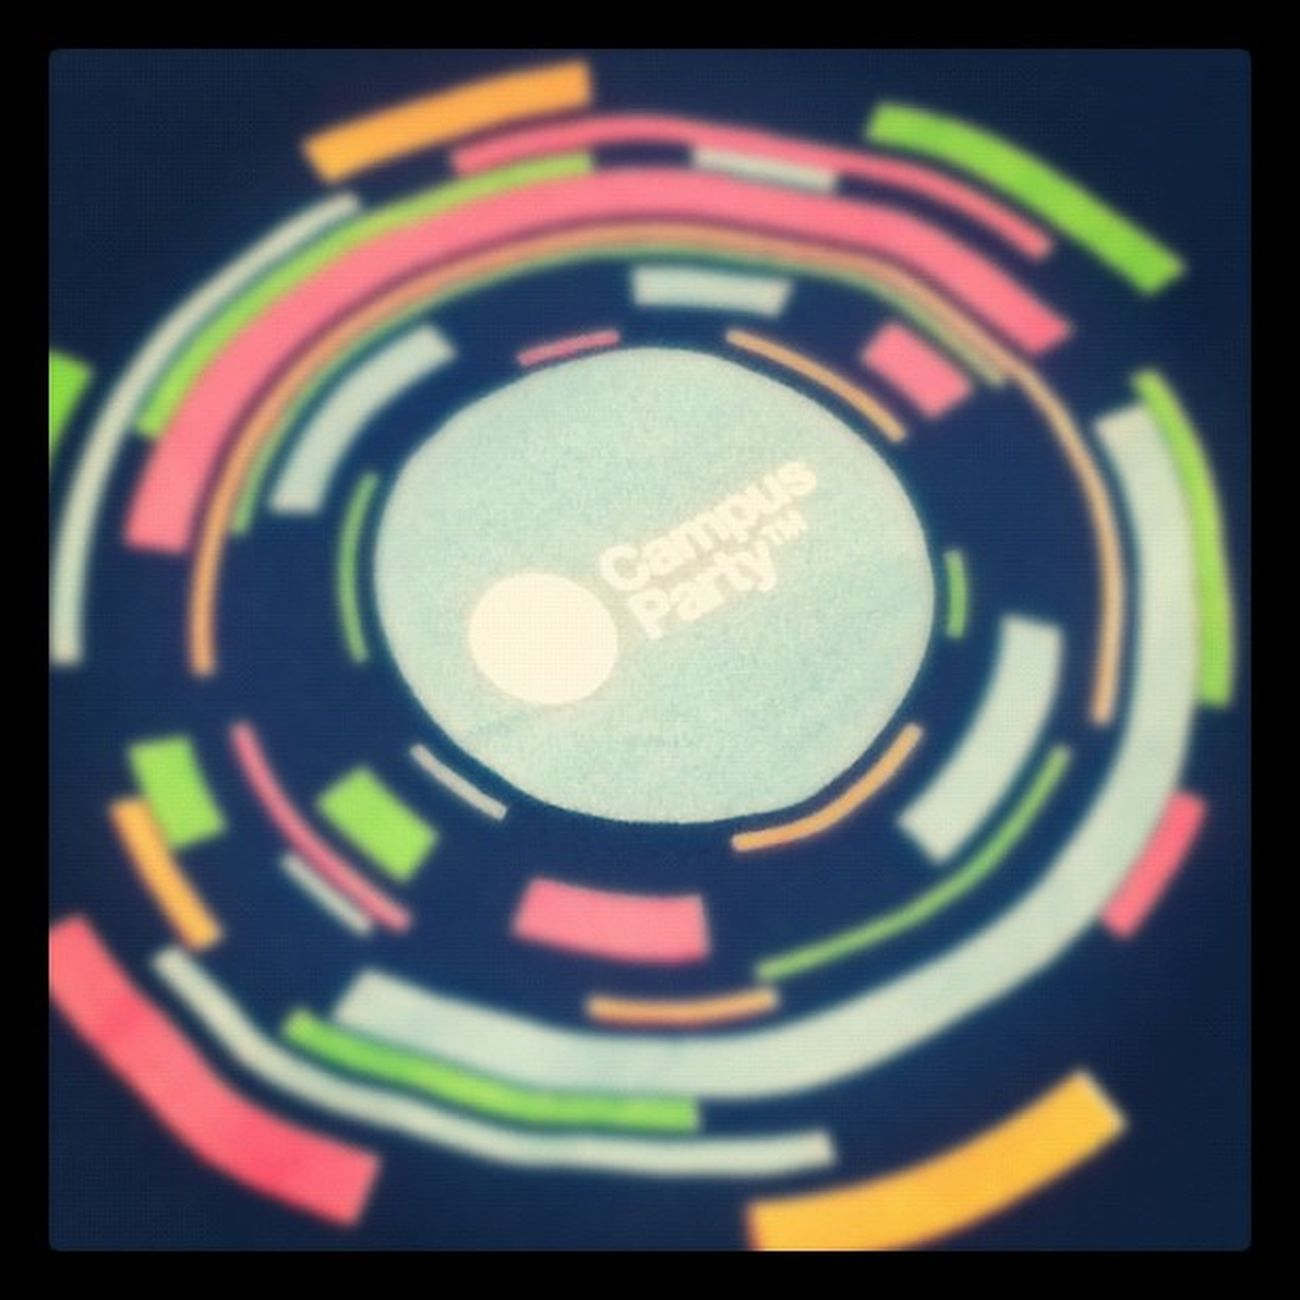 Campusparty ... Saudades da NerdLand!!! Ano que vem, com ctz irei novamente!!! Cpbr5